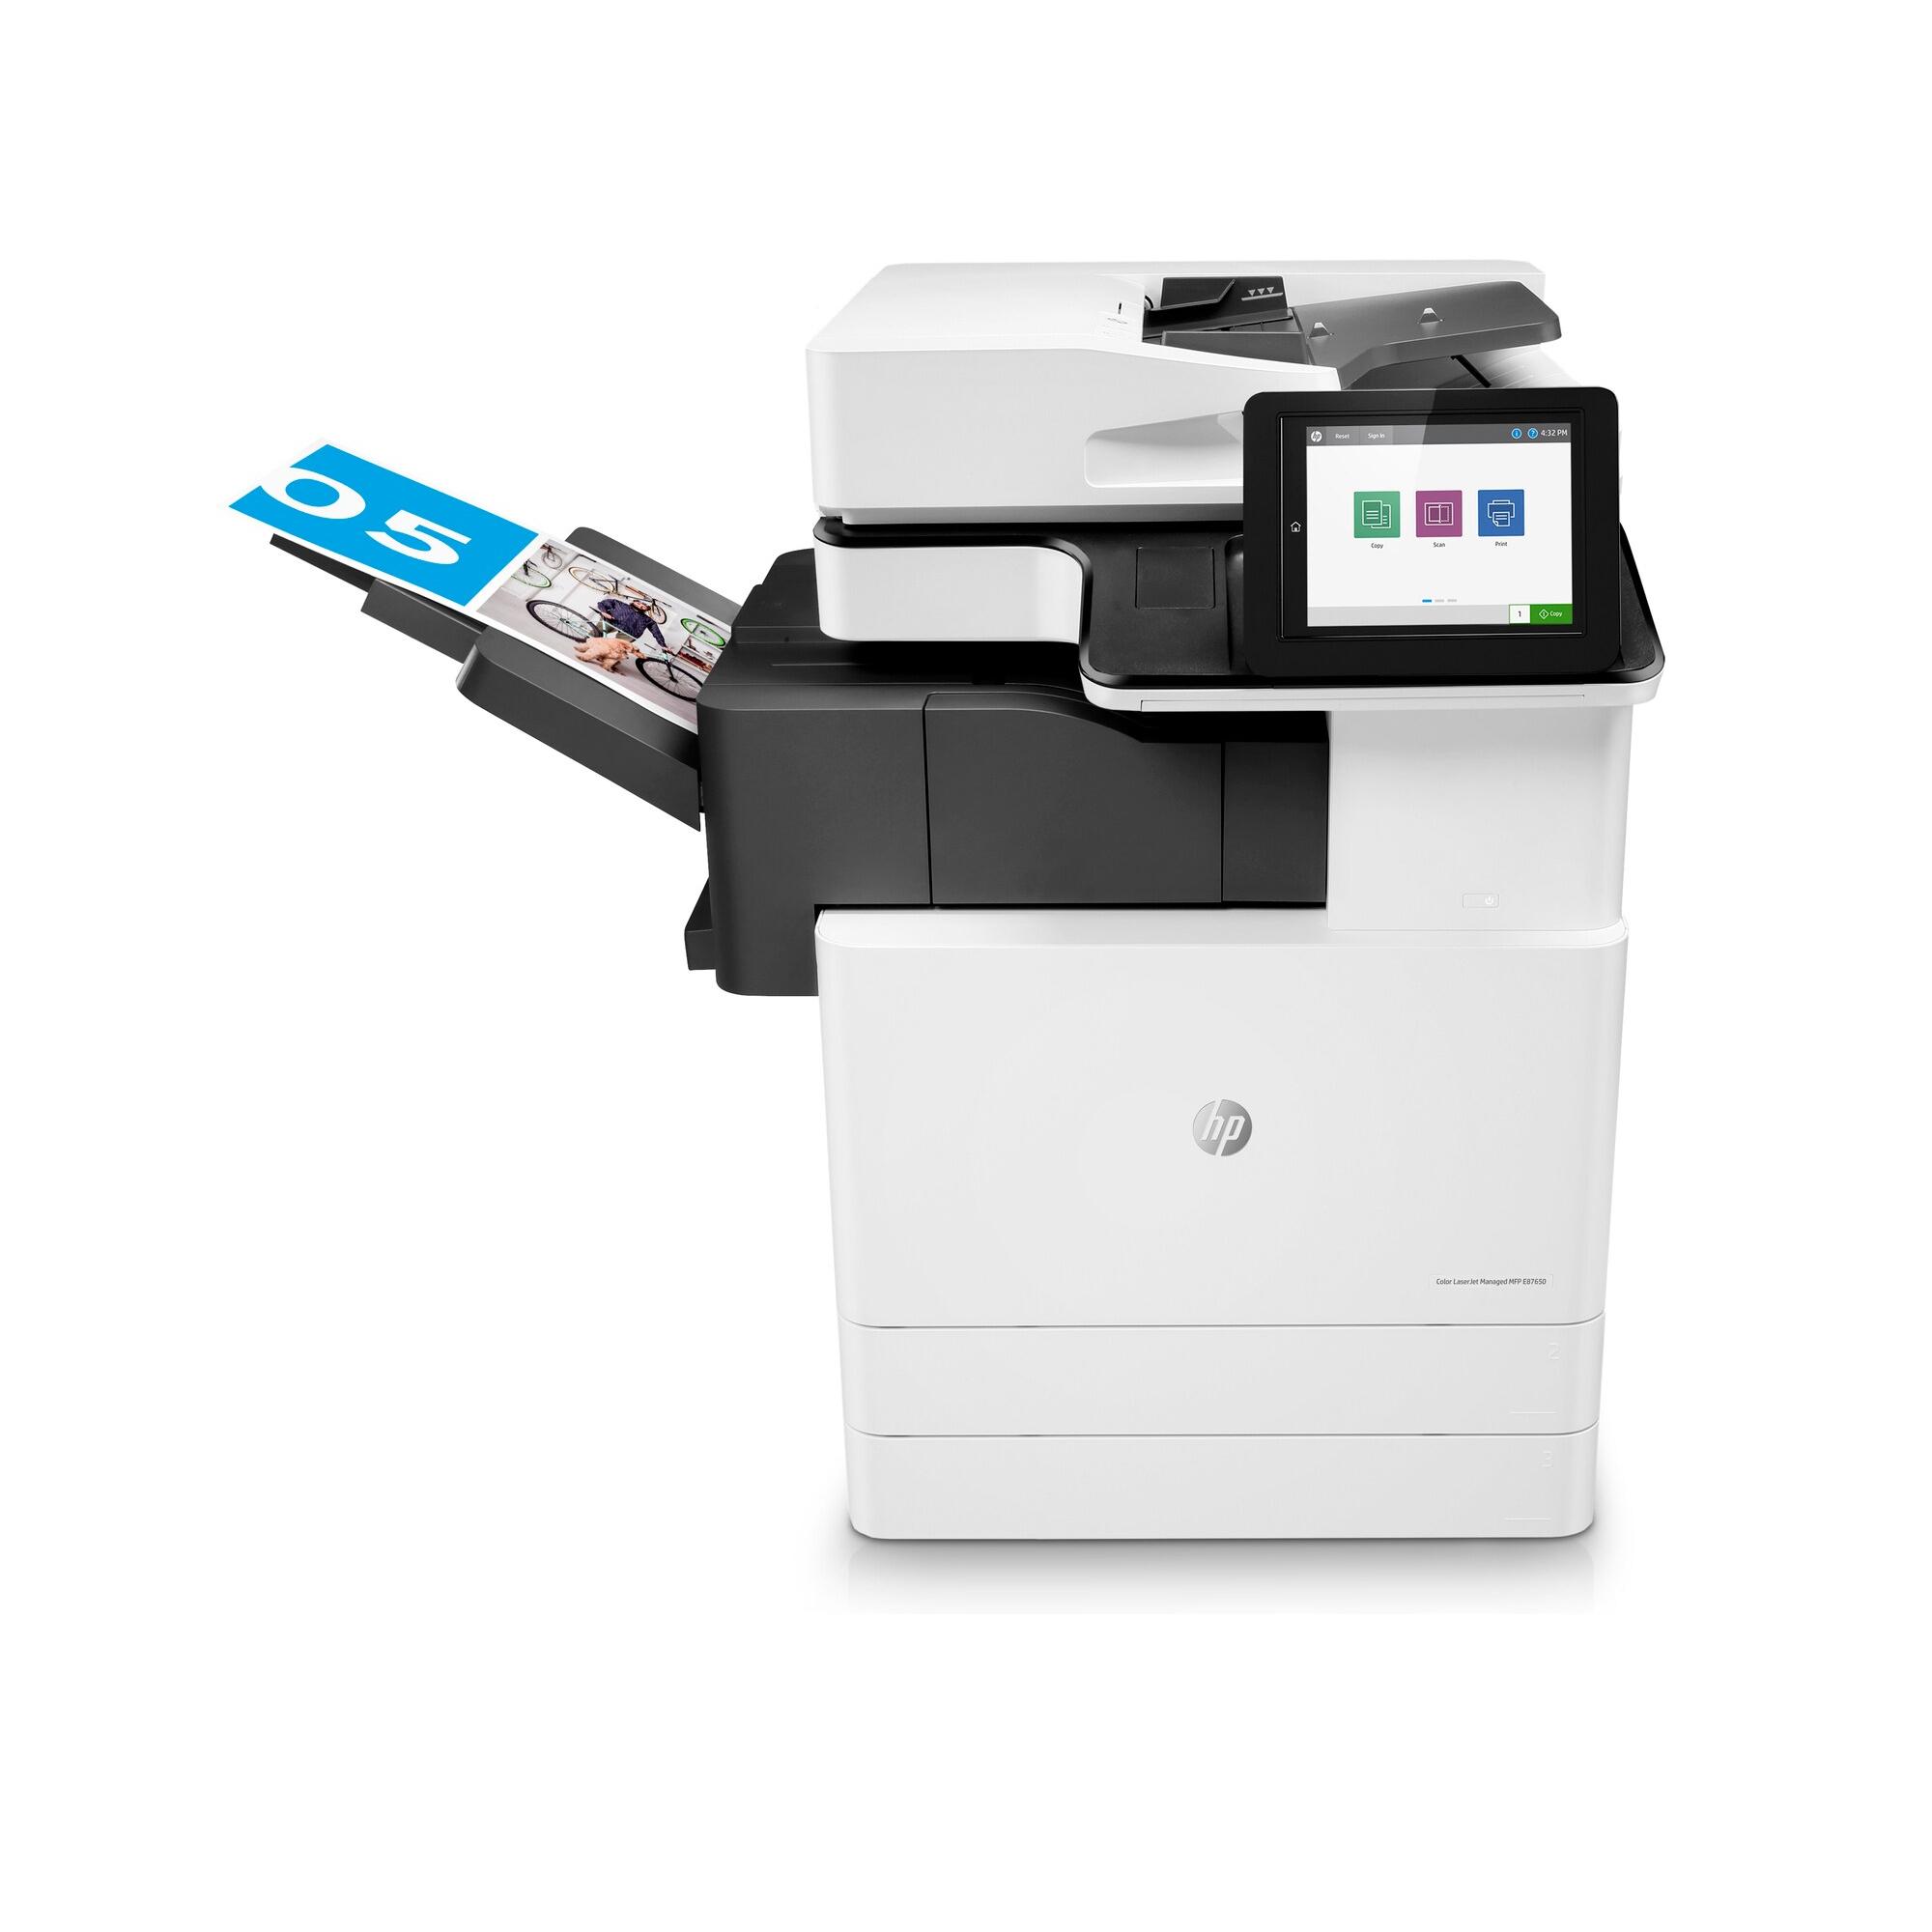 Noleggio Stampante Multifunzione HP LaserJet Managed E87650du - Lyreco print services